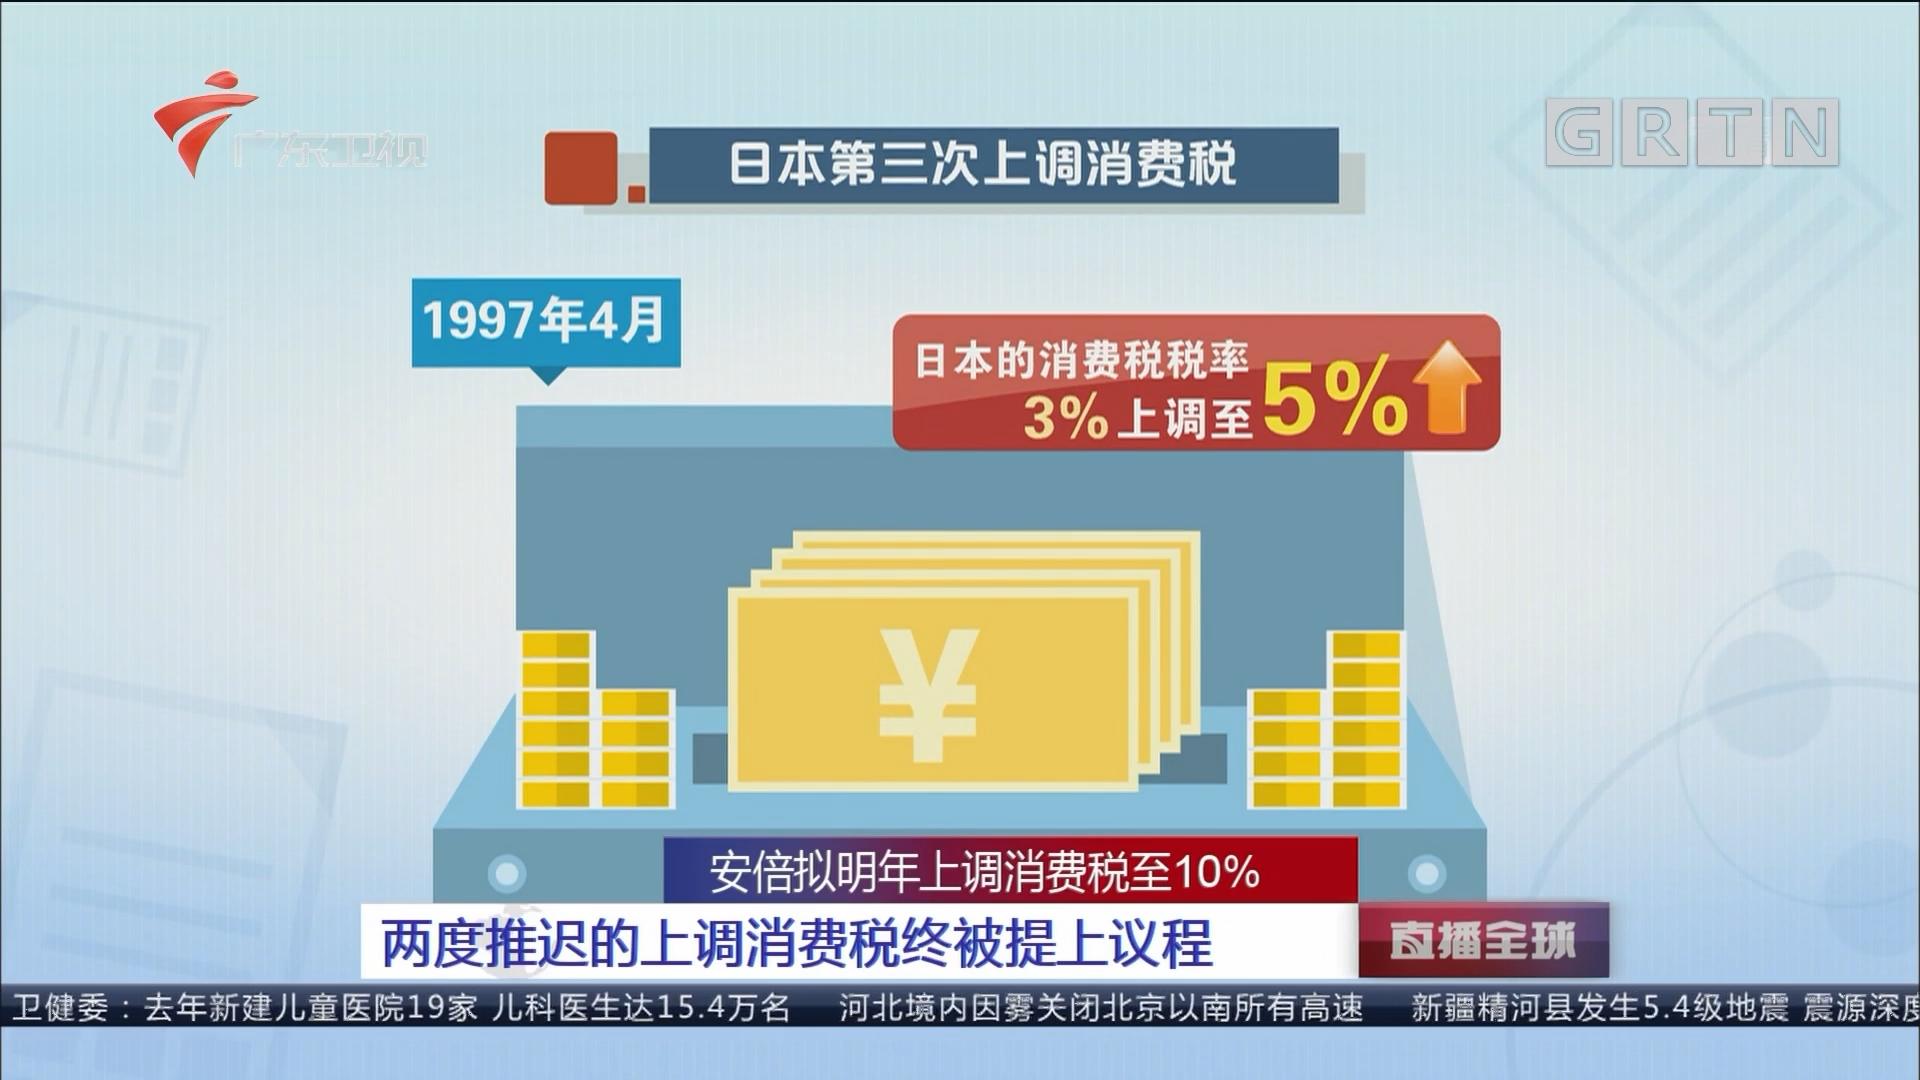 安倍拟明年上调消费税至10% 两度推迟的上调消费税终被提上议程